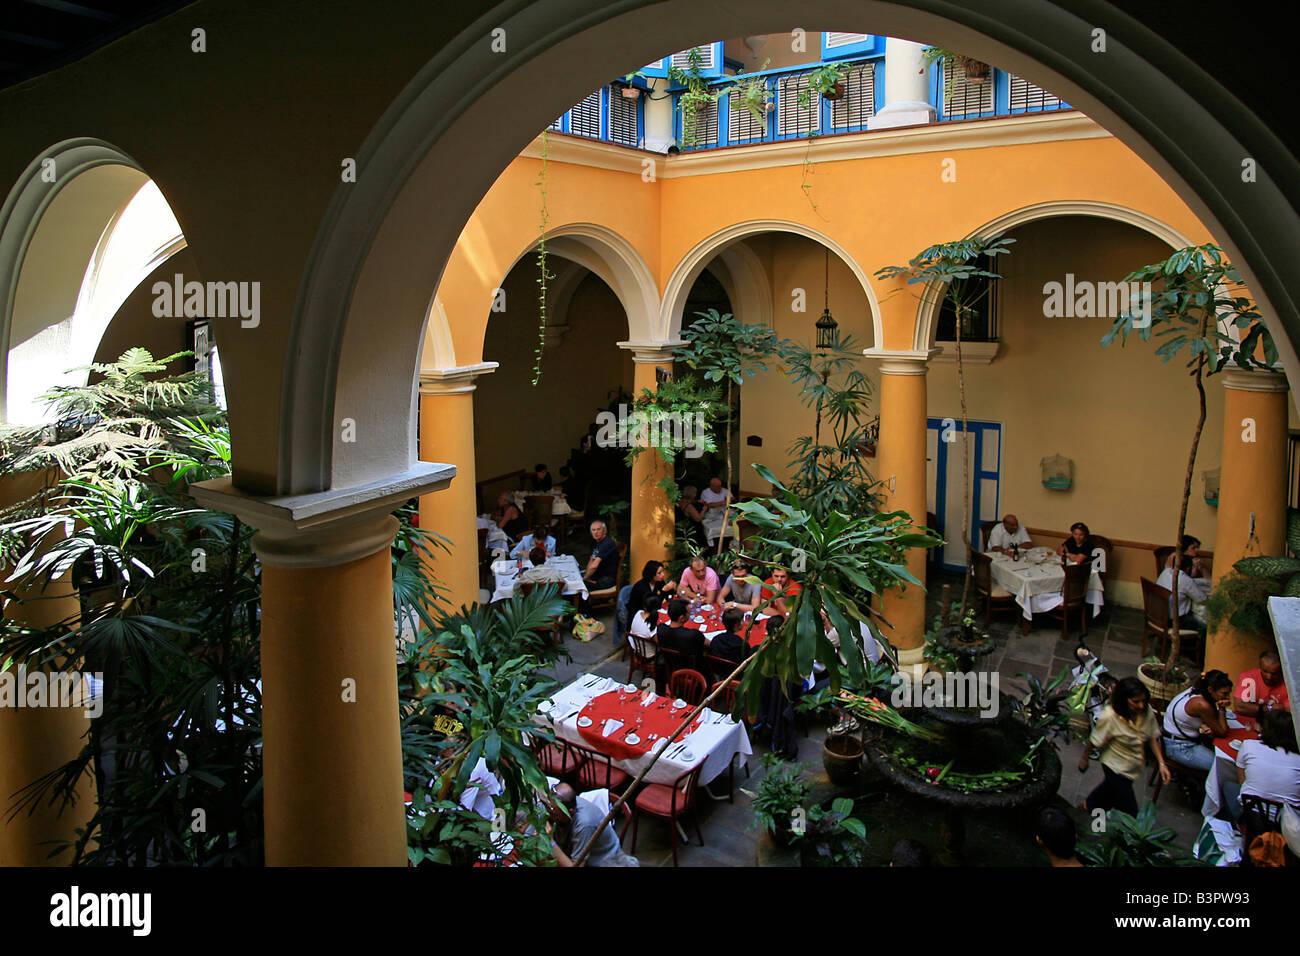 Delightful El Patio Restaurant, Havana, Cuba, West Indies, Central America